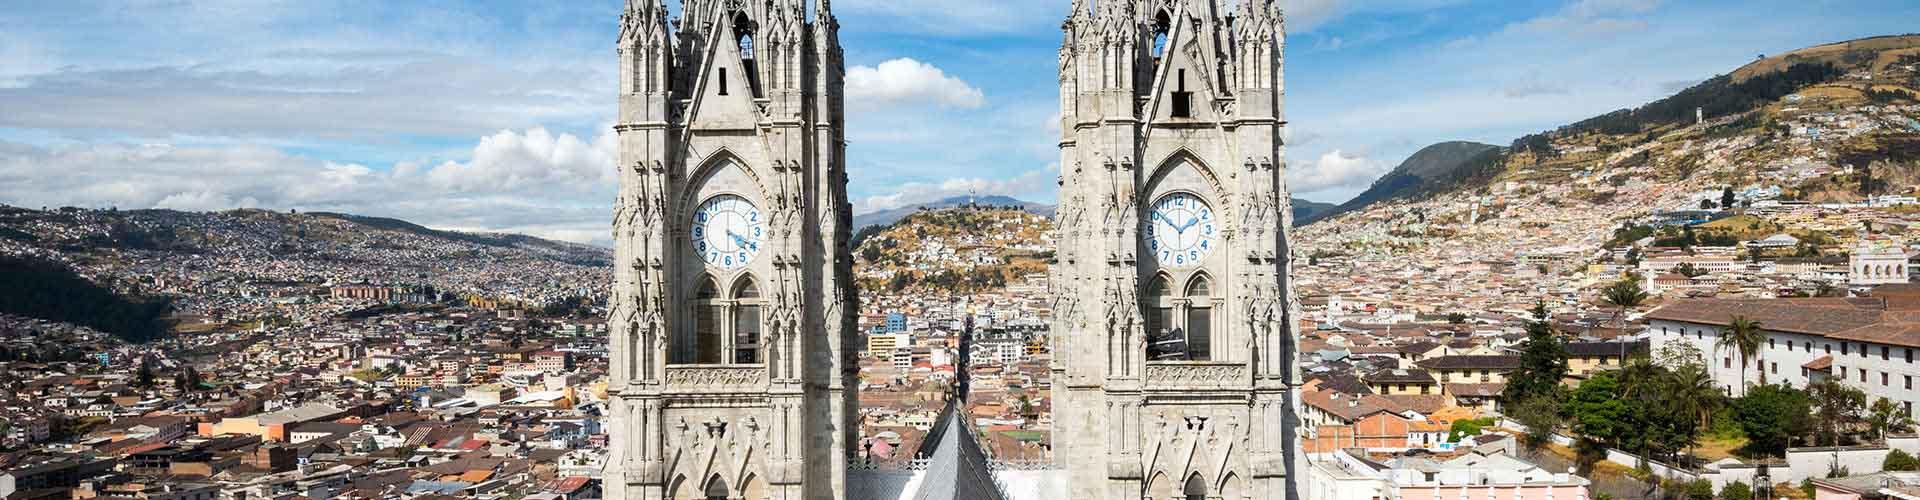 Quito - Hostelů v Quito. Mapy pro Quito, fotky a recenze pro každý hostel v Quito.